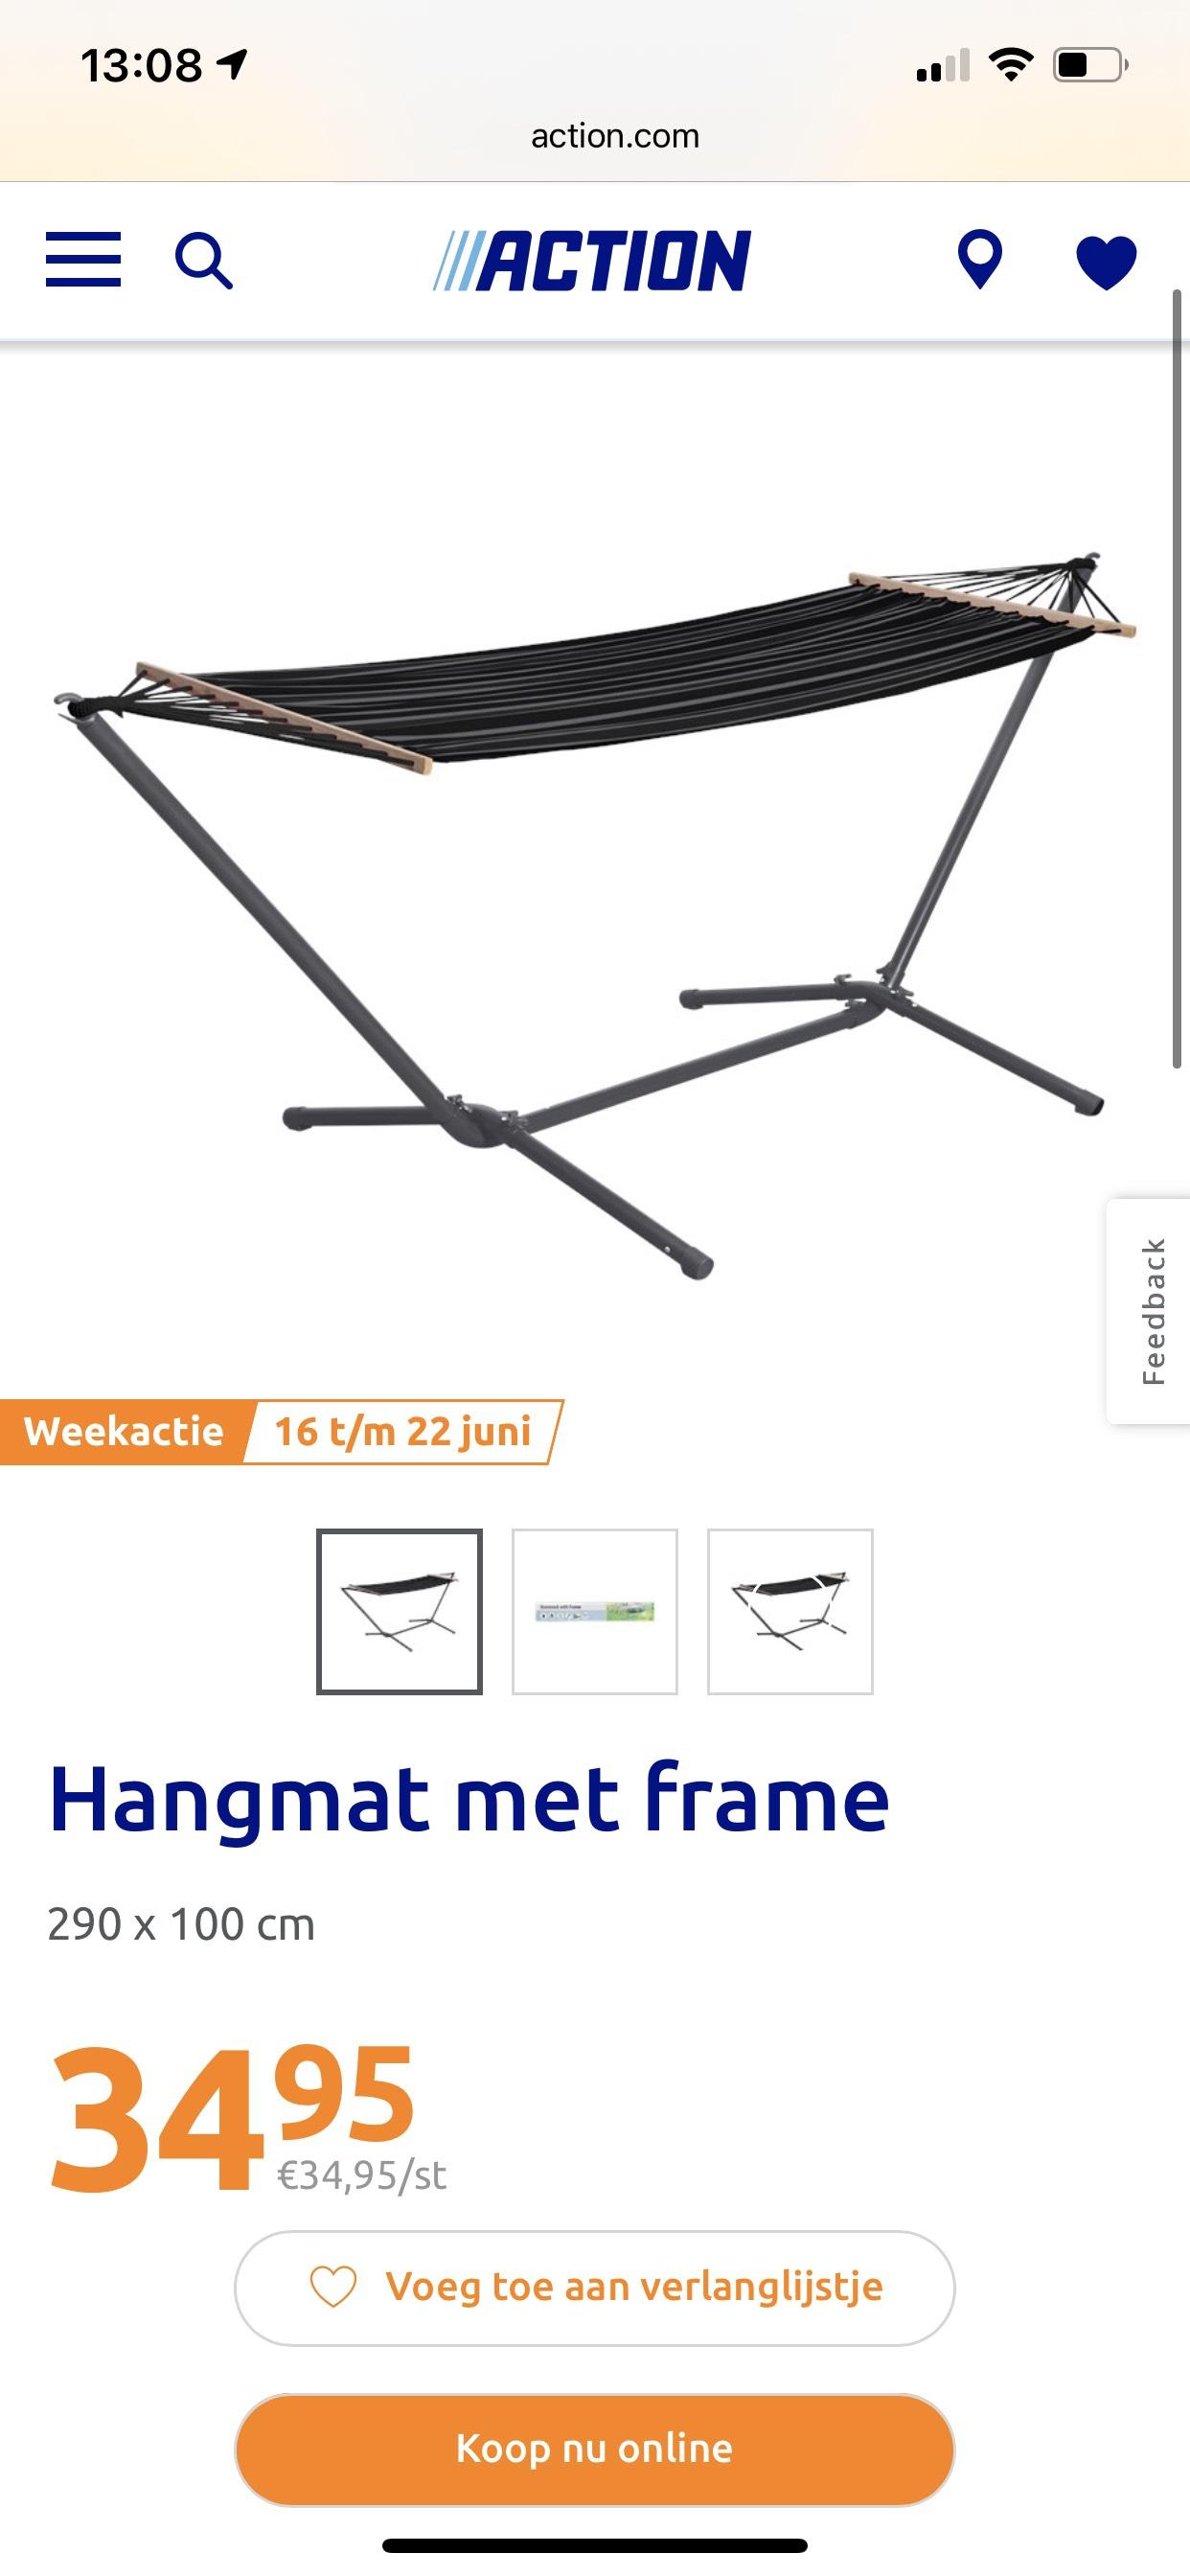 Hangmat met staander €34,95 @Action